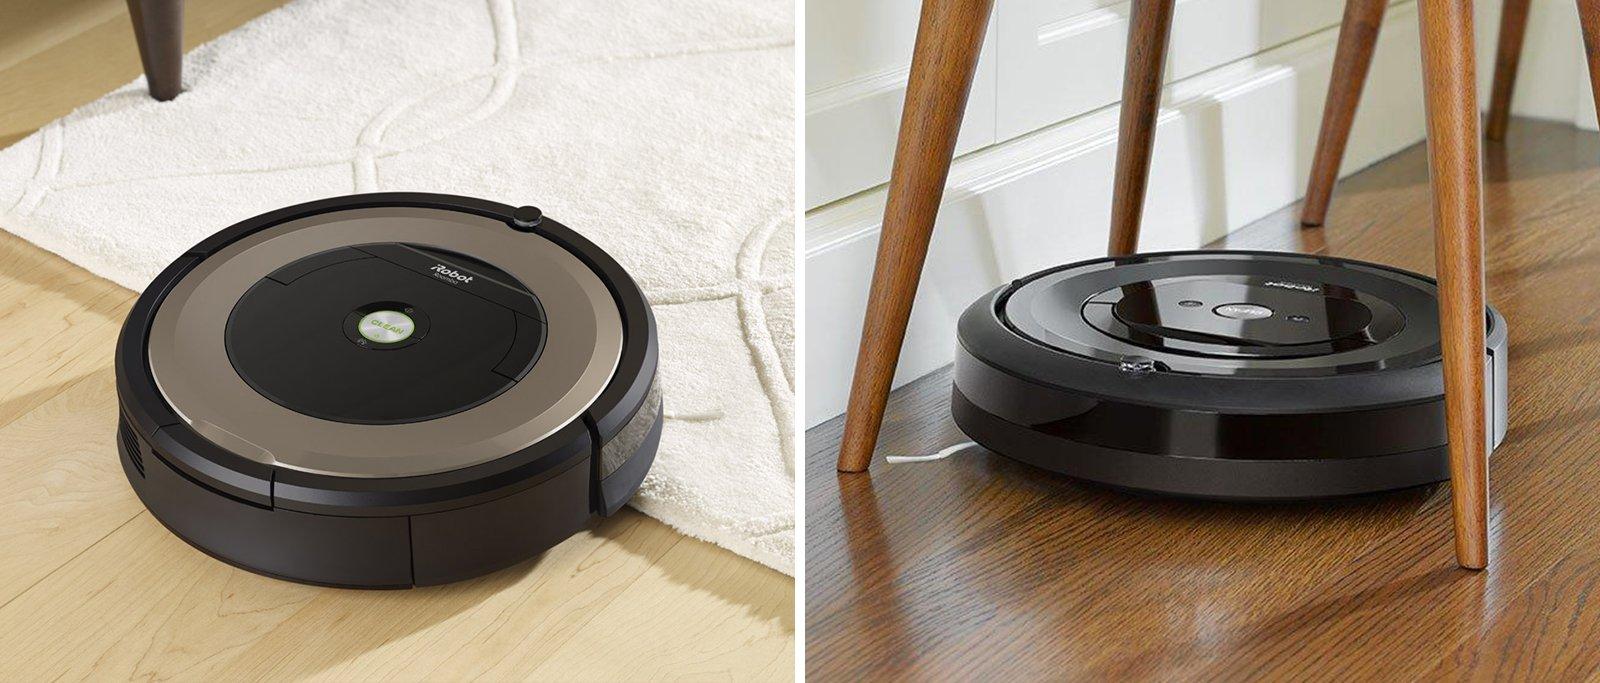 Roomba 891 vs e5 Comparison